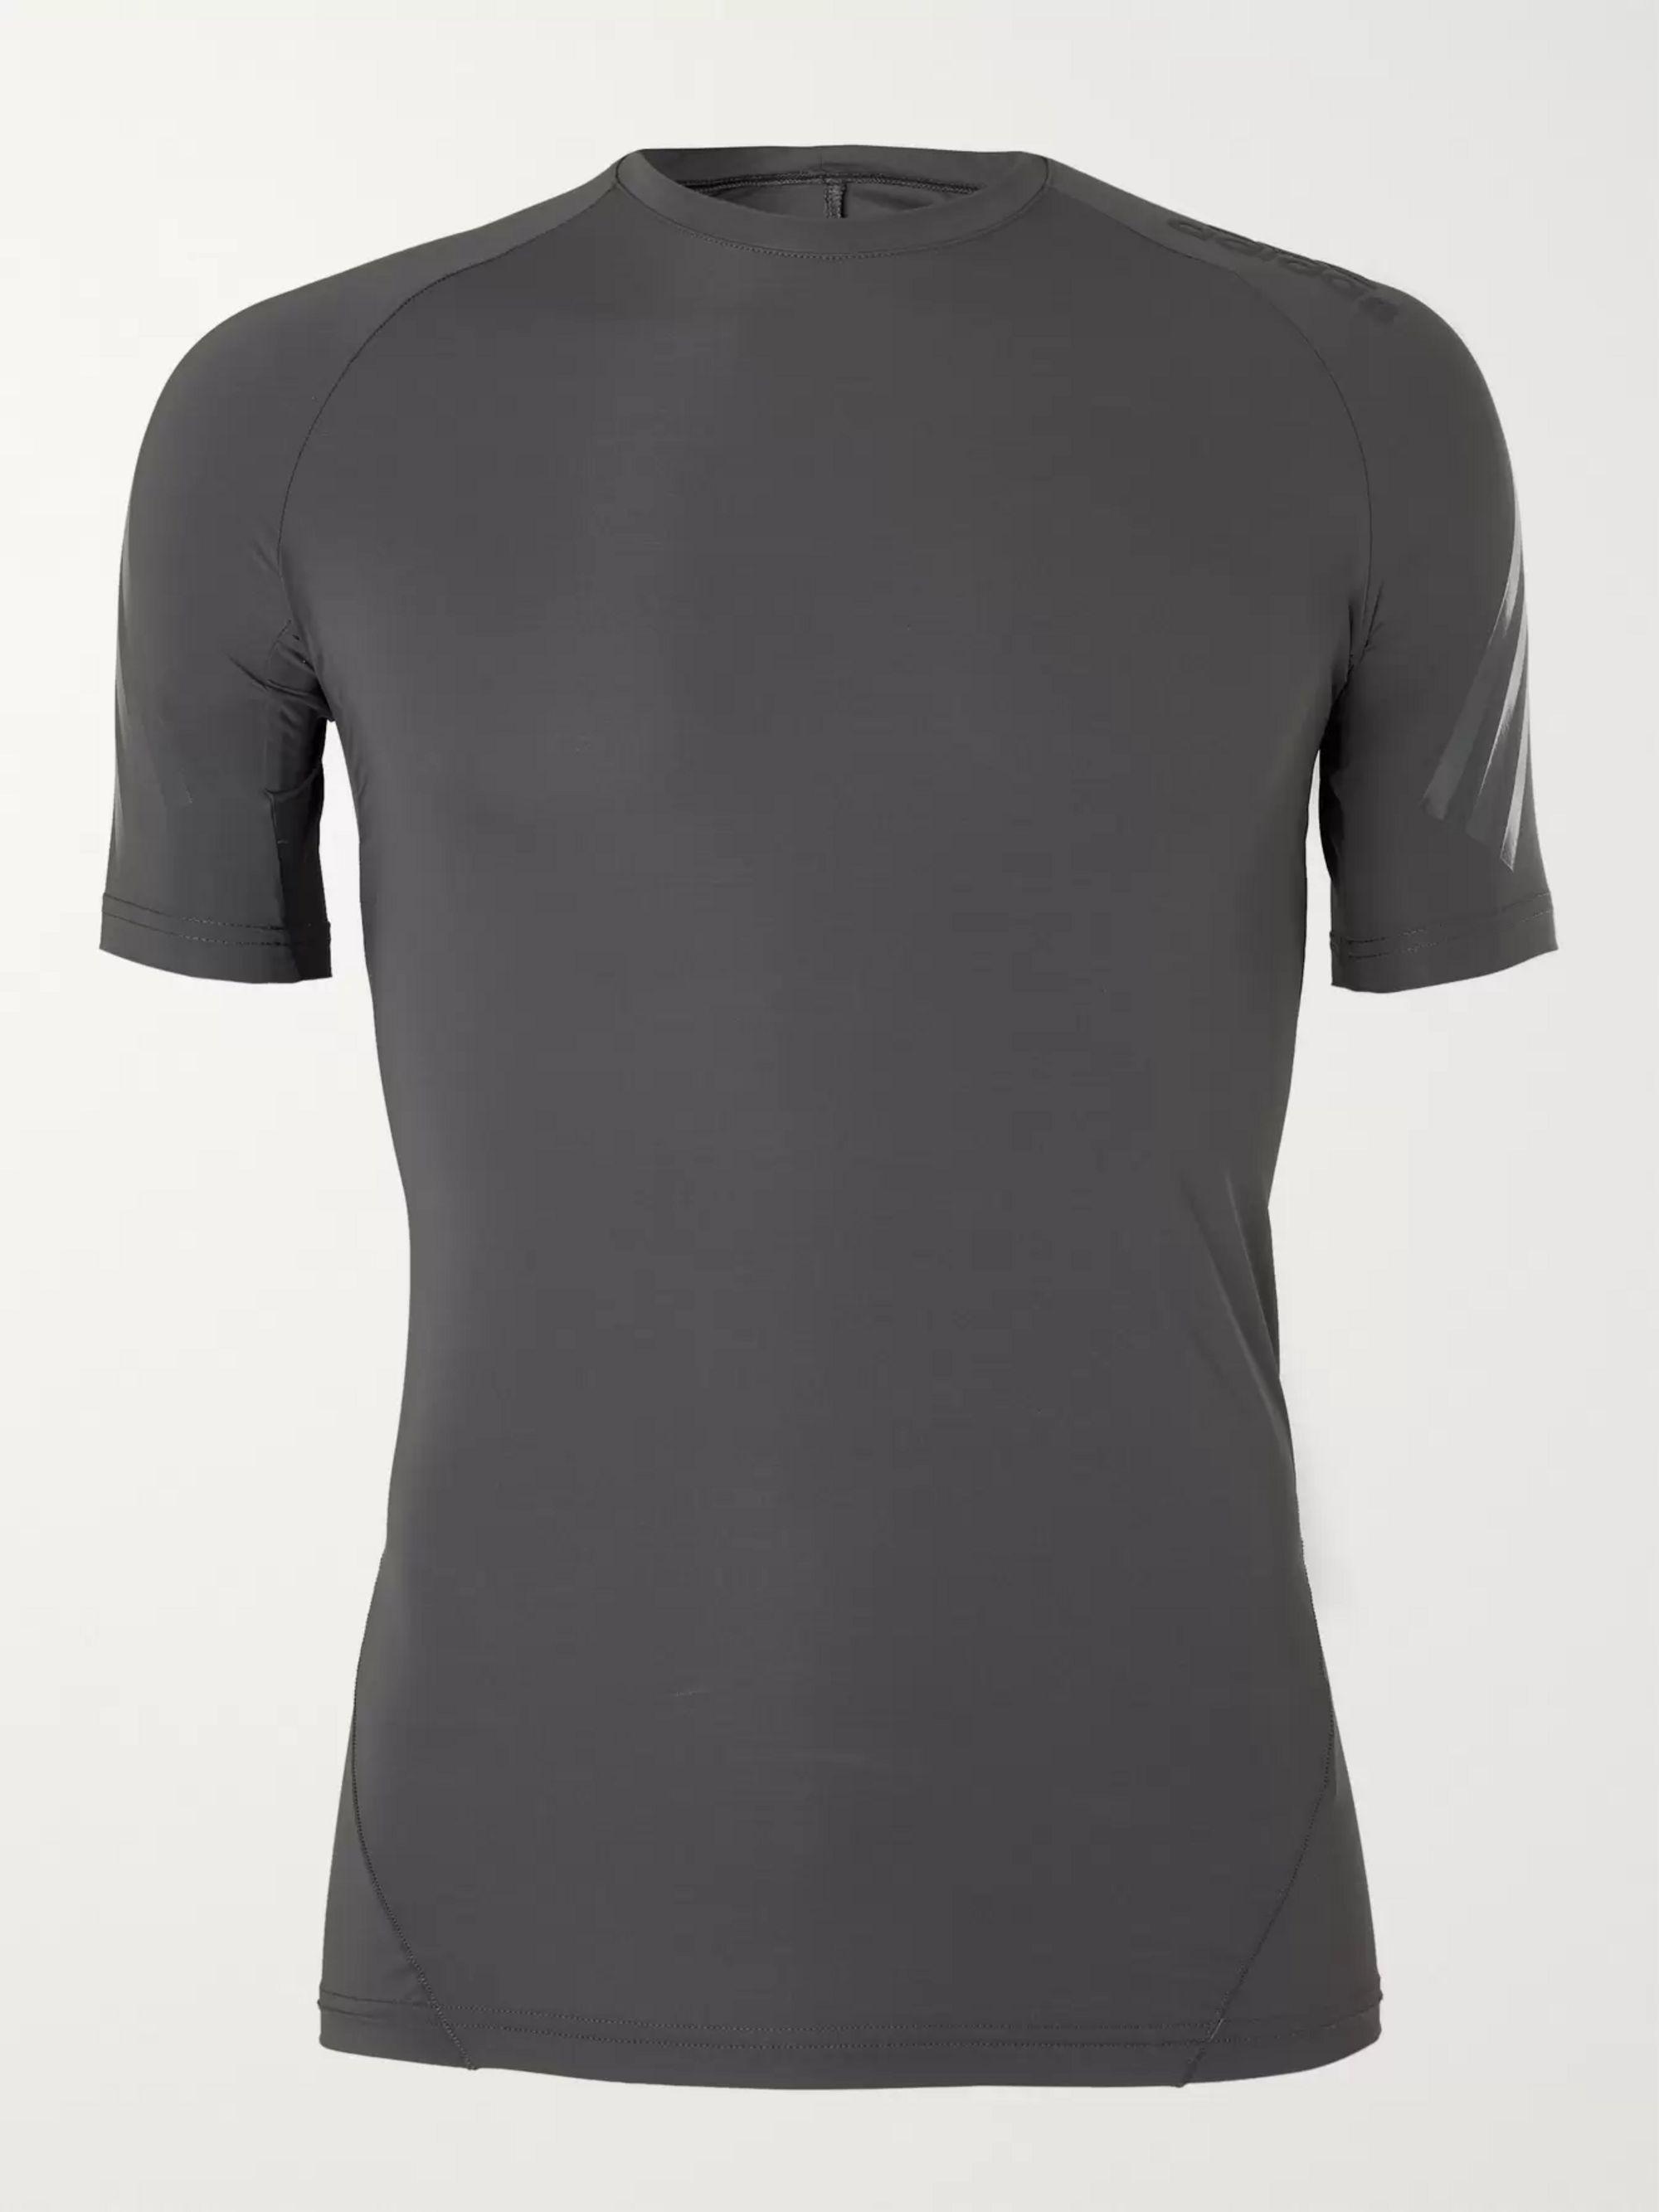 Alphaskin Tech Climachill T Shirt